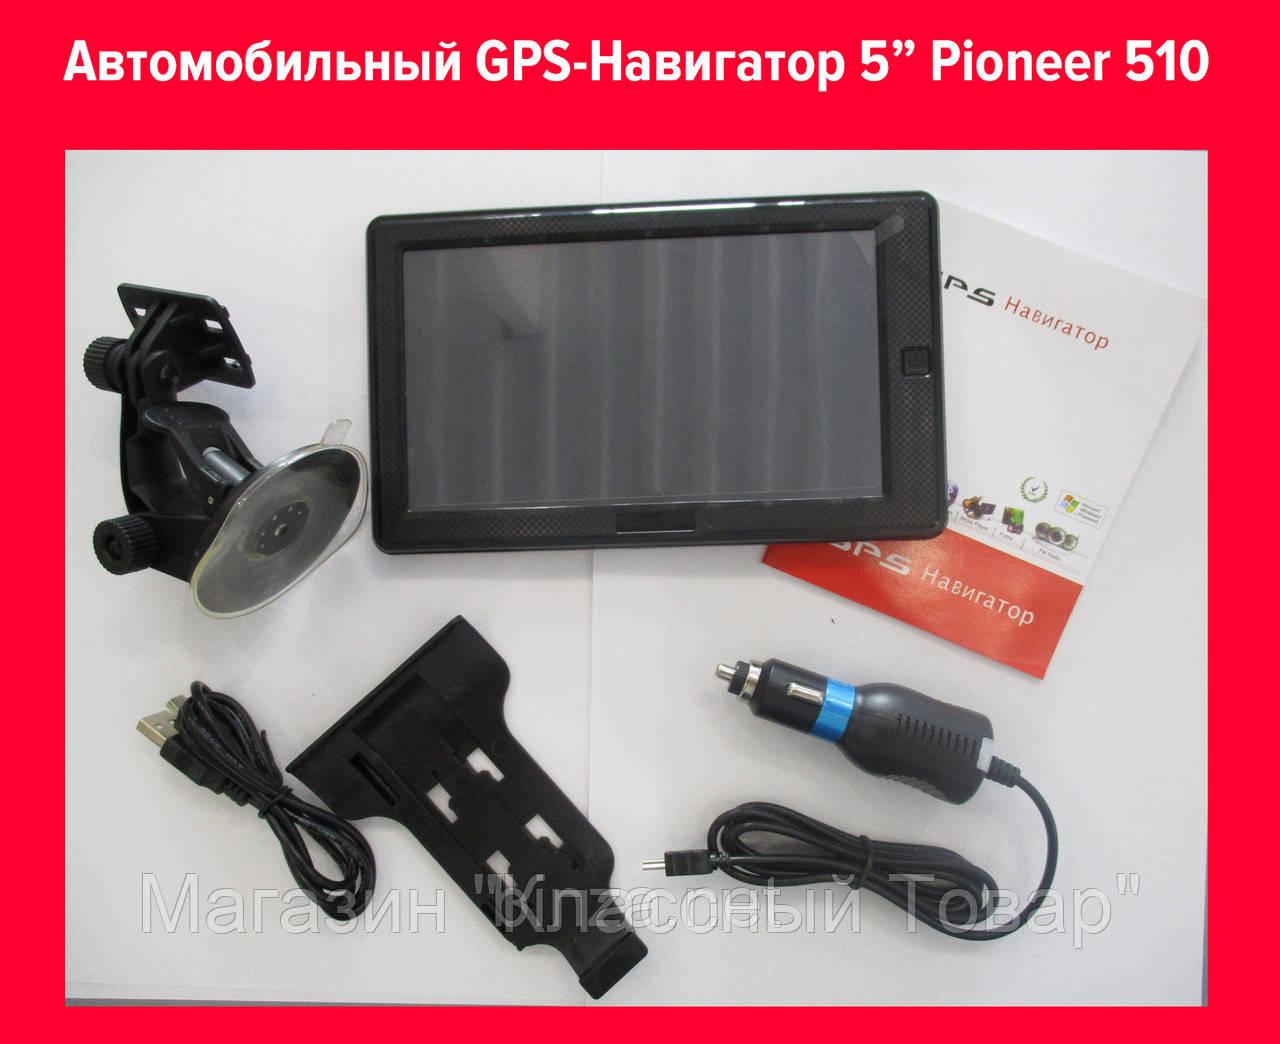 """Автомобильный GPS-Навигатор 5"""" Pioneer 510! Лучший подарок"""